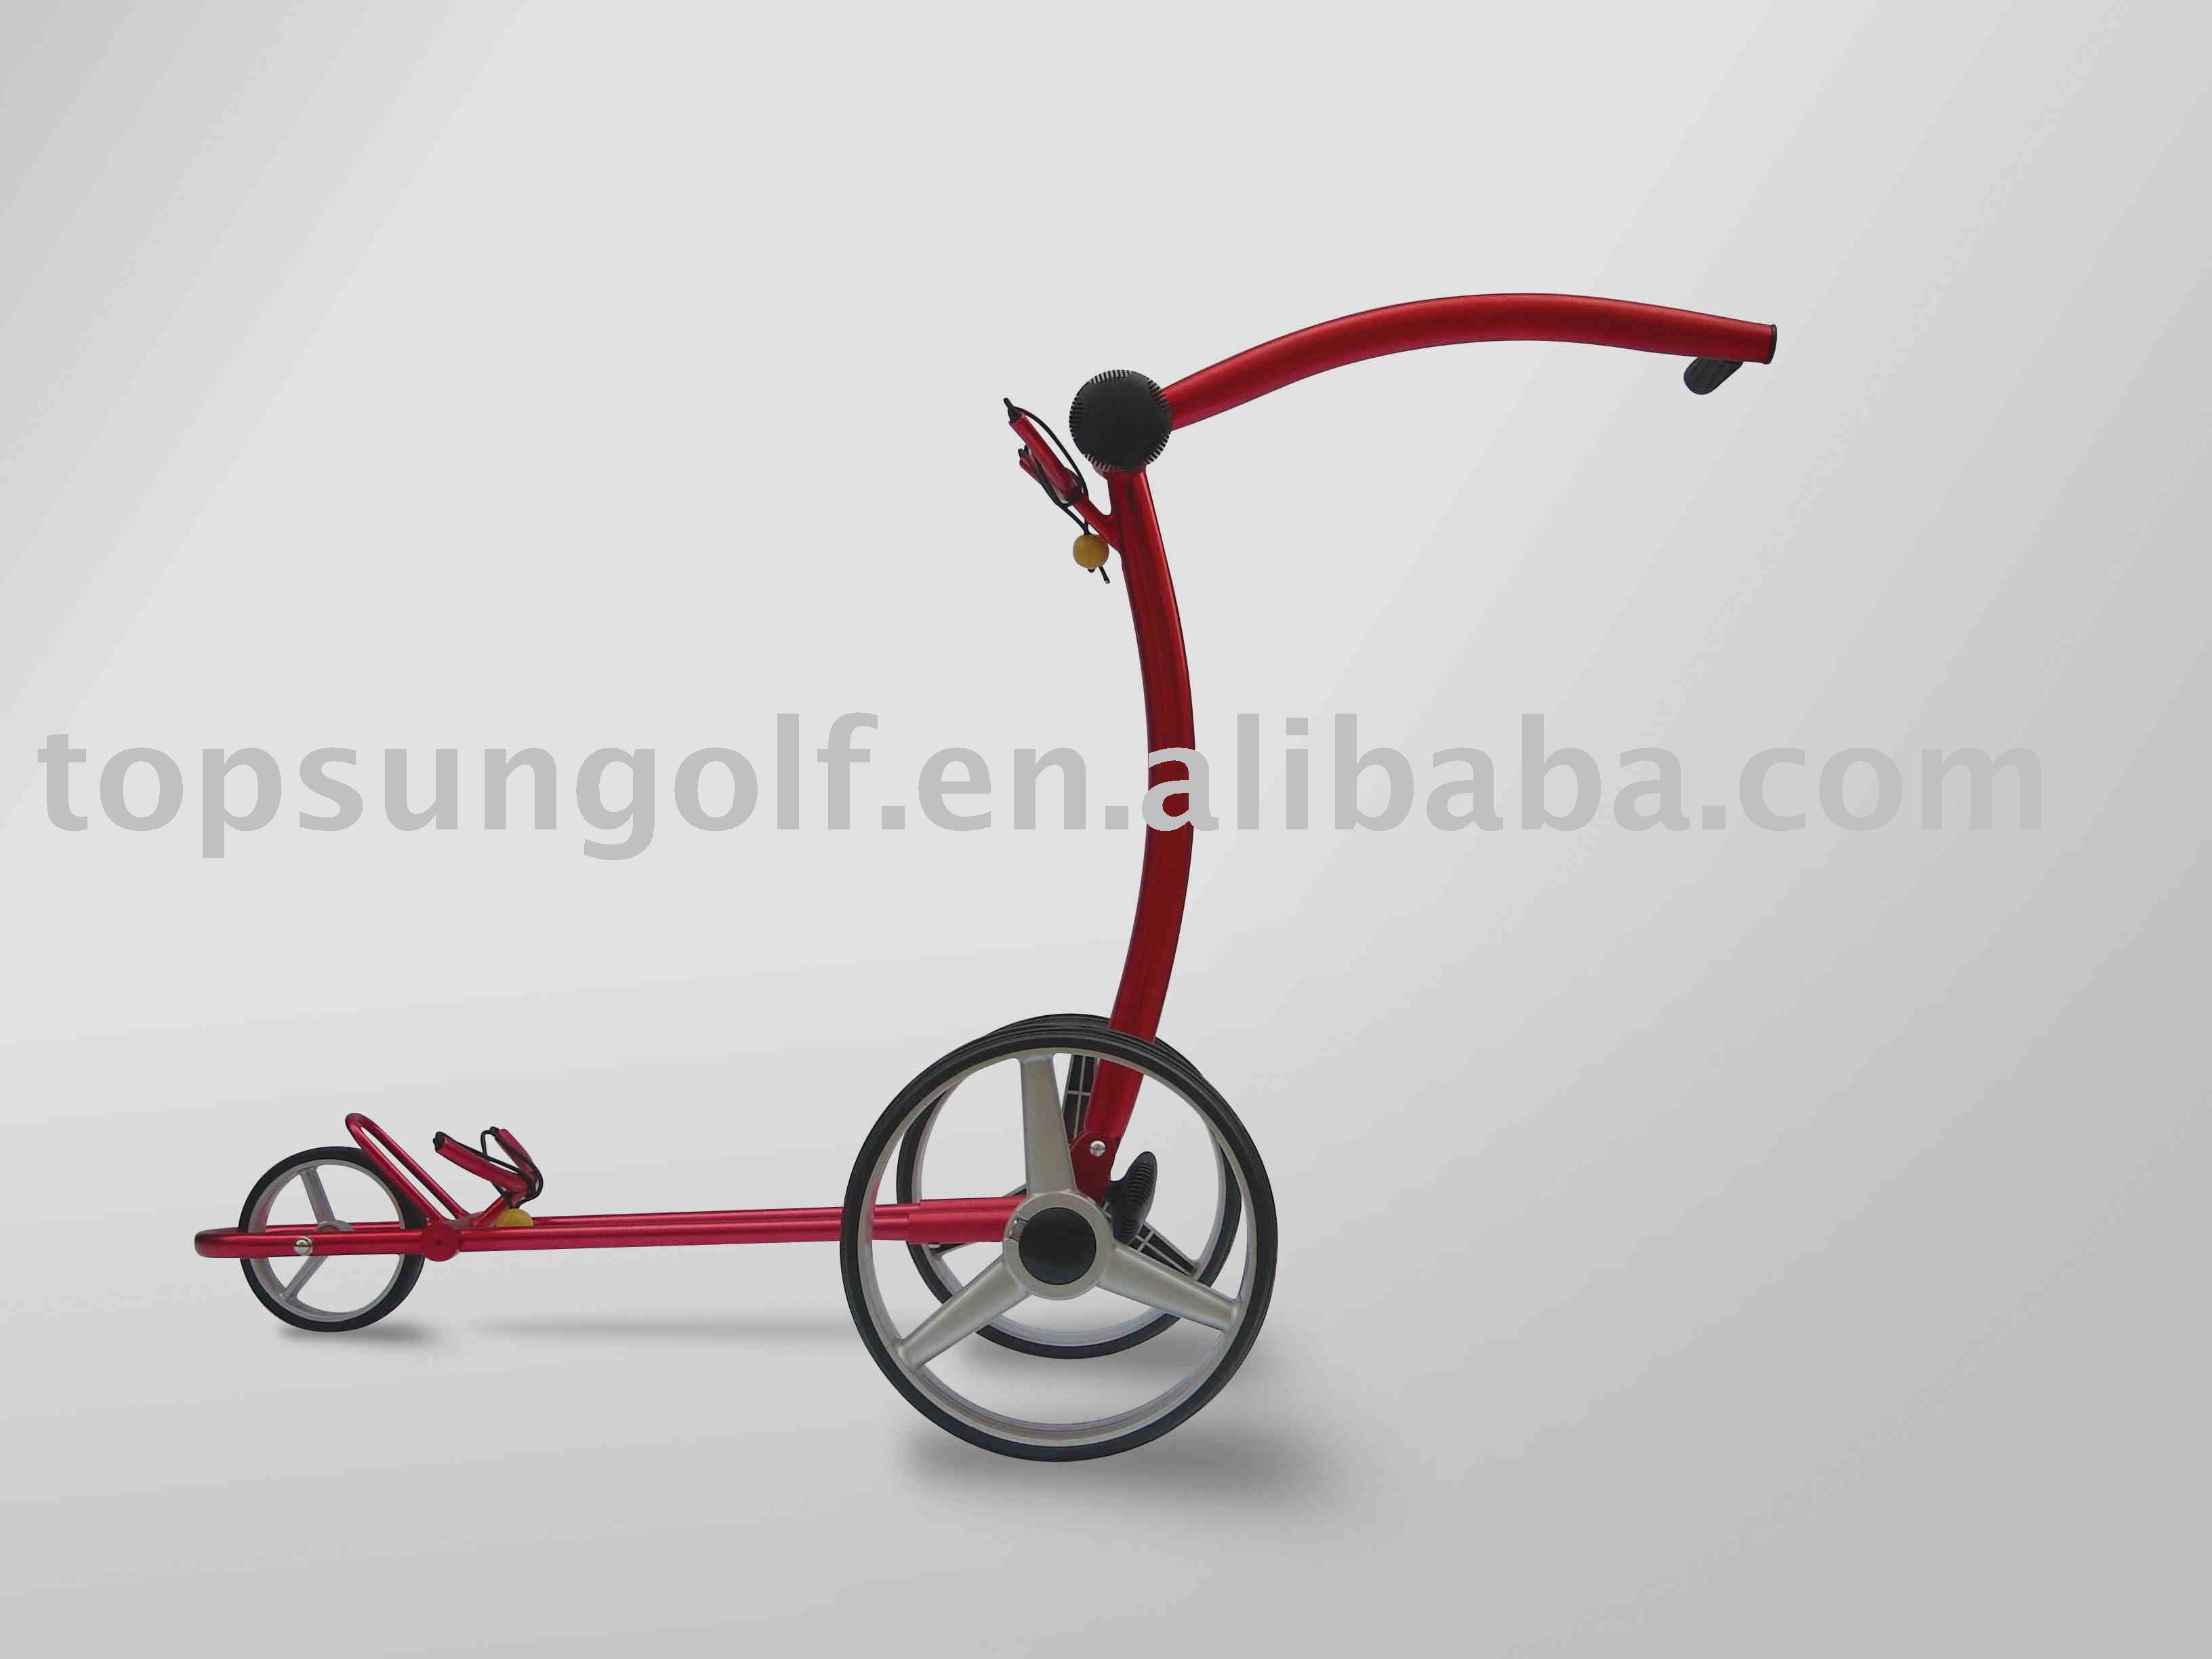 Electric Golf Trolley X2